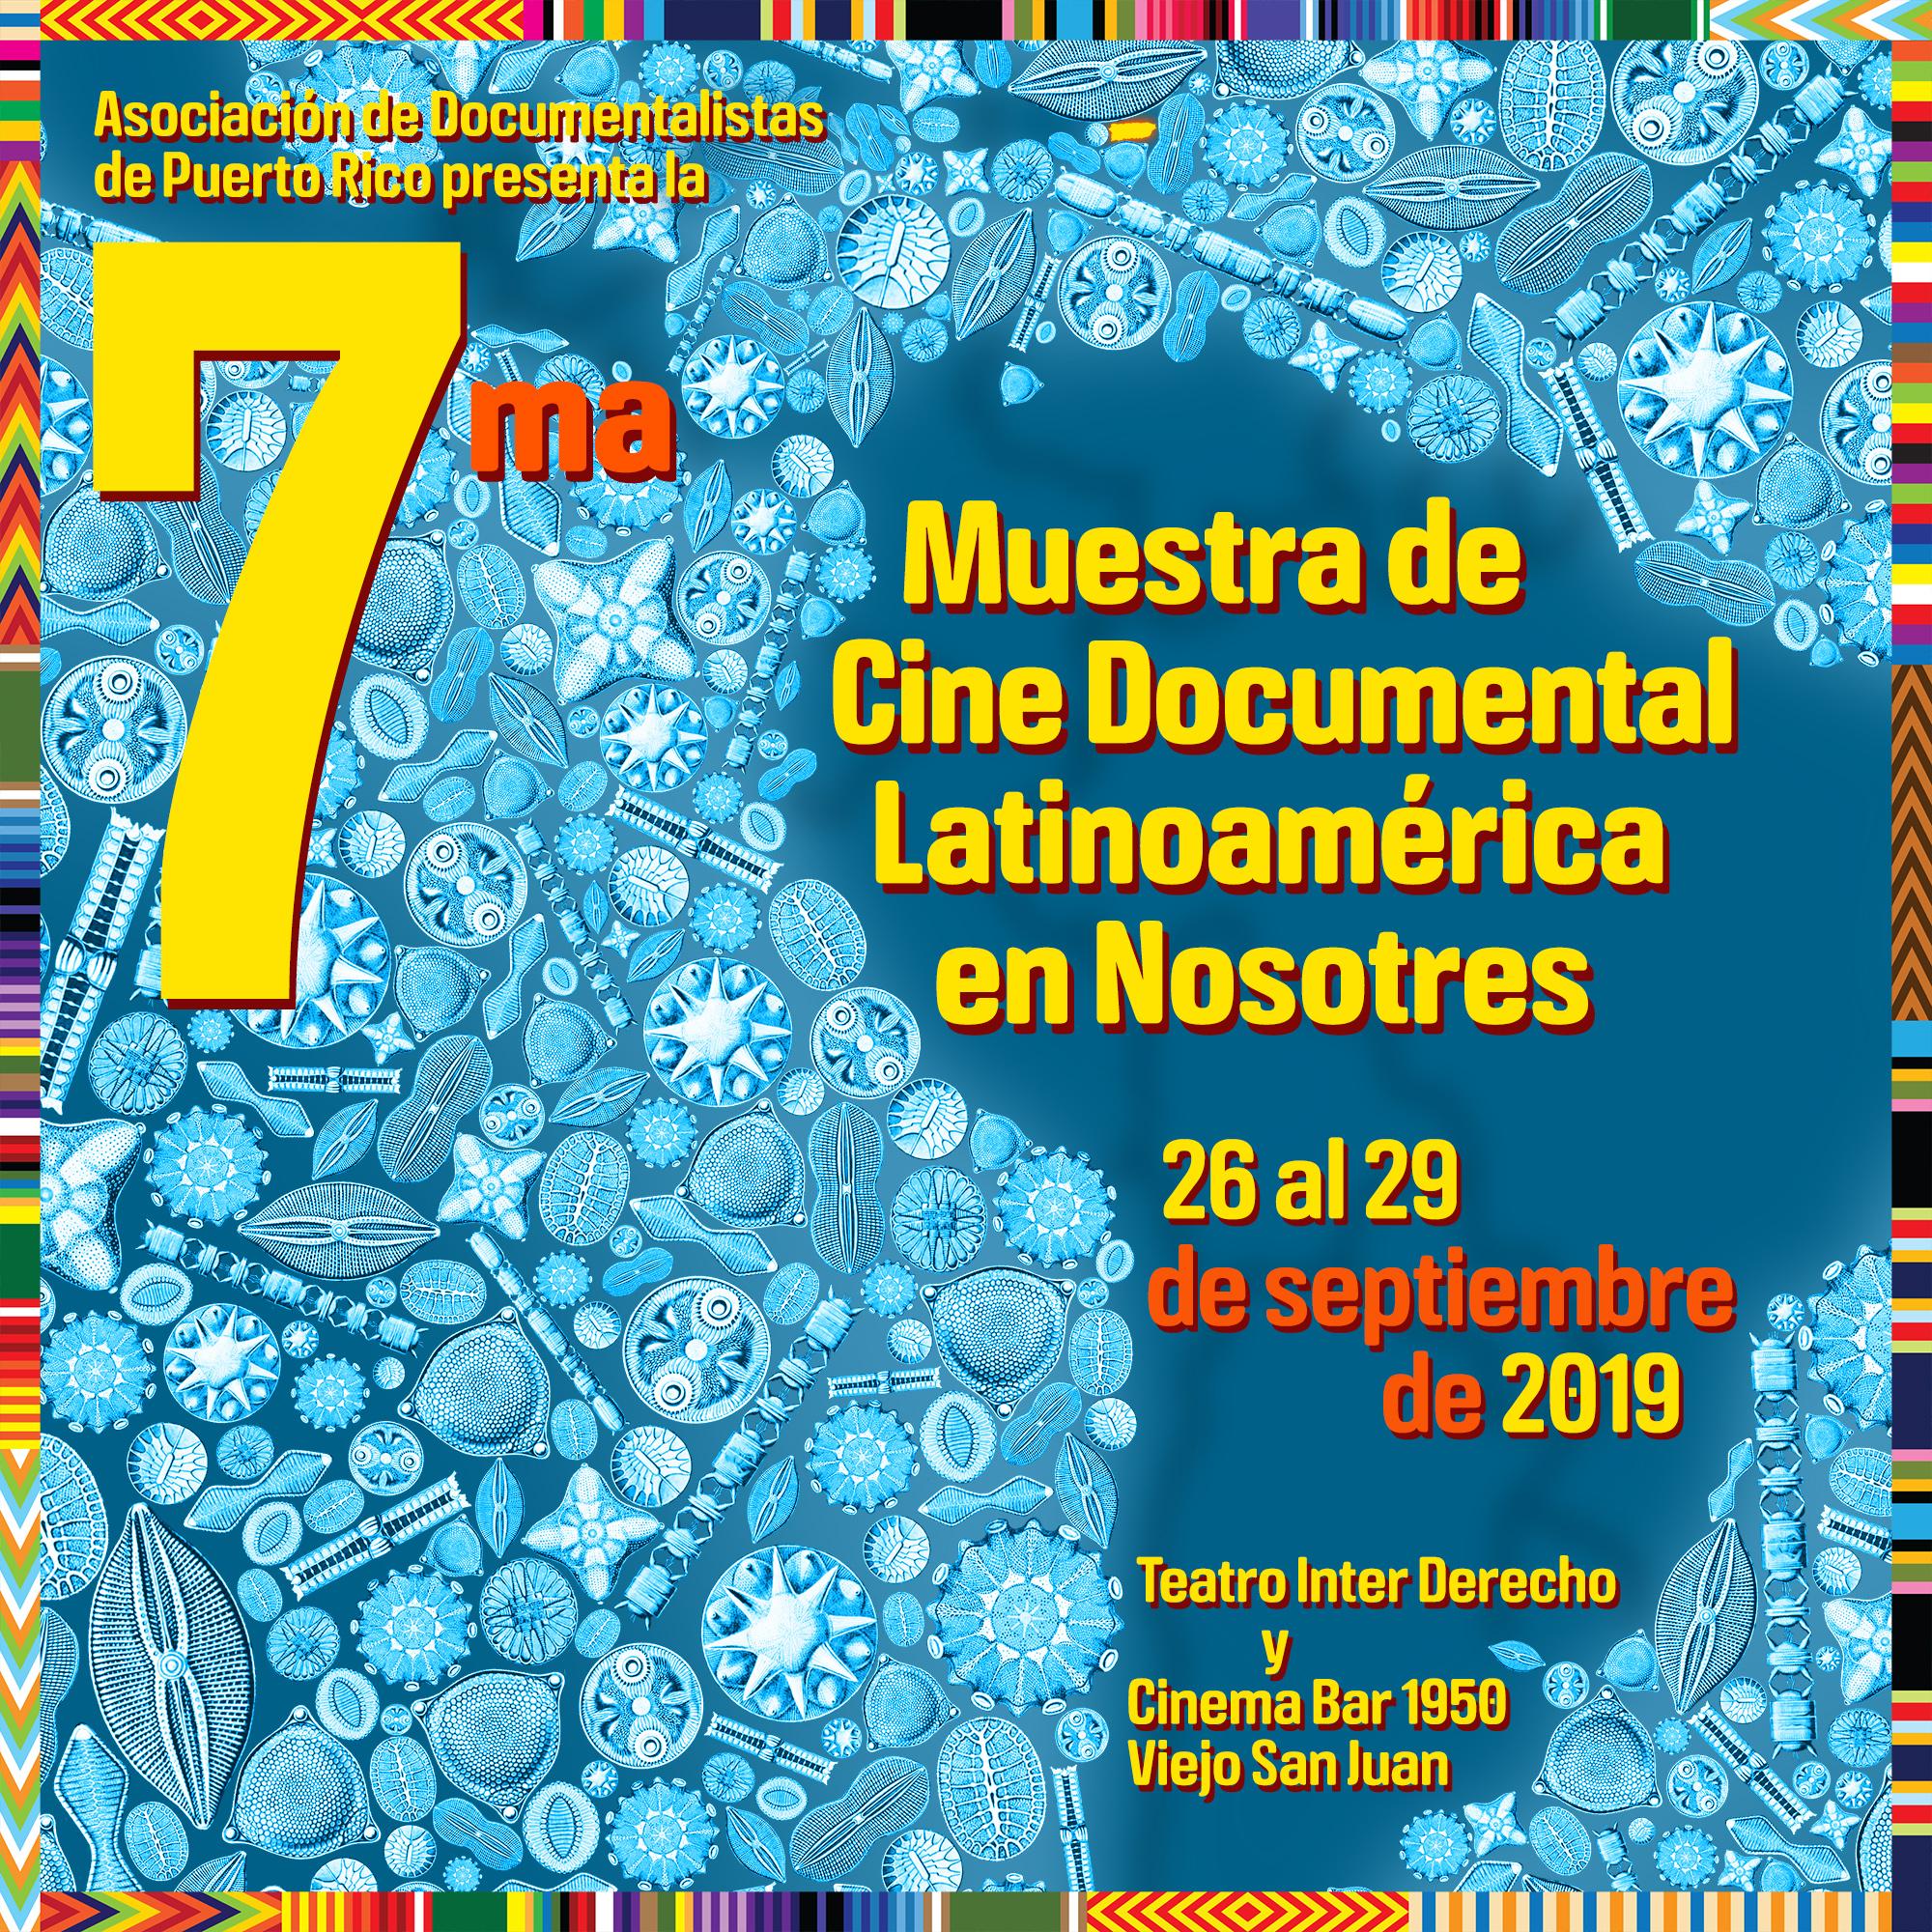 7ma Muestra Latinoamérica en Nosotres Instagram 28ago19 2.jpg